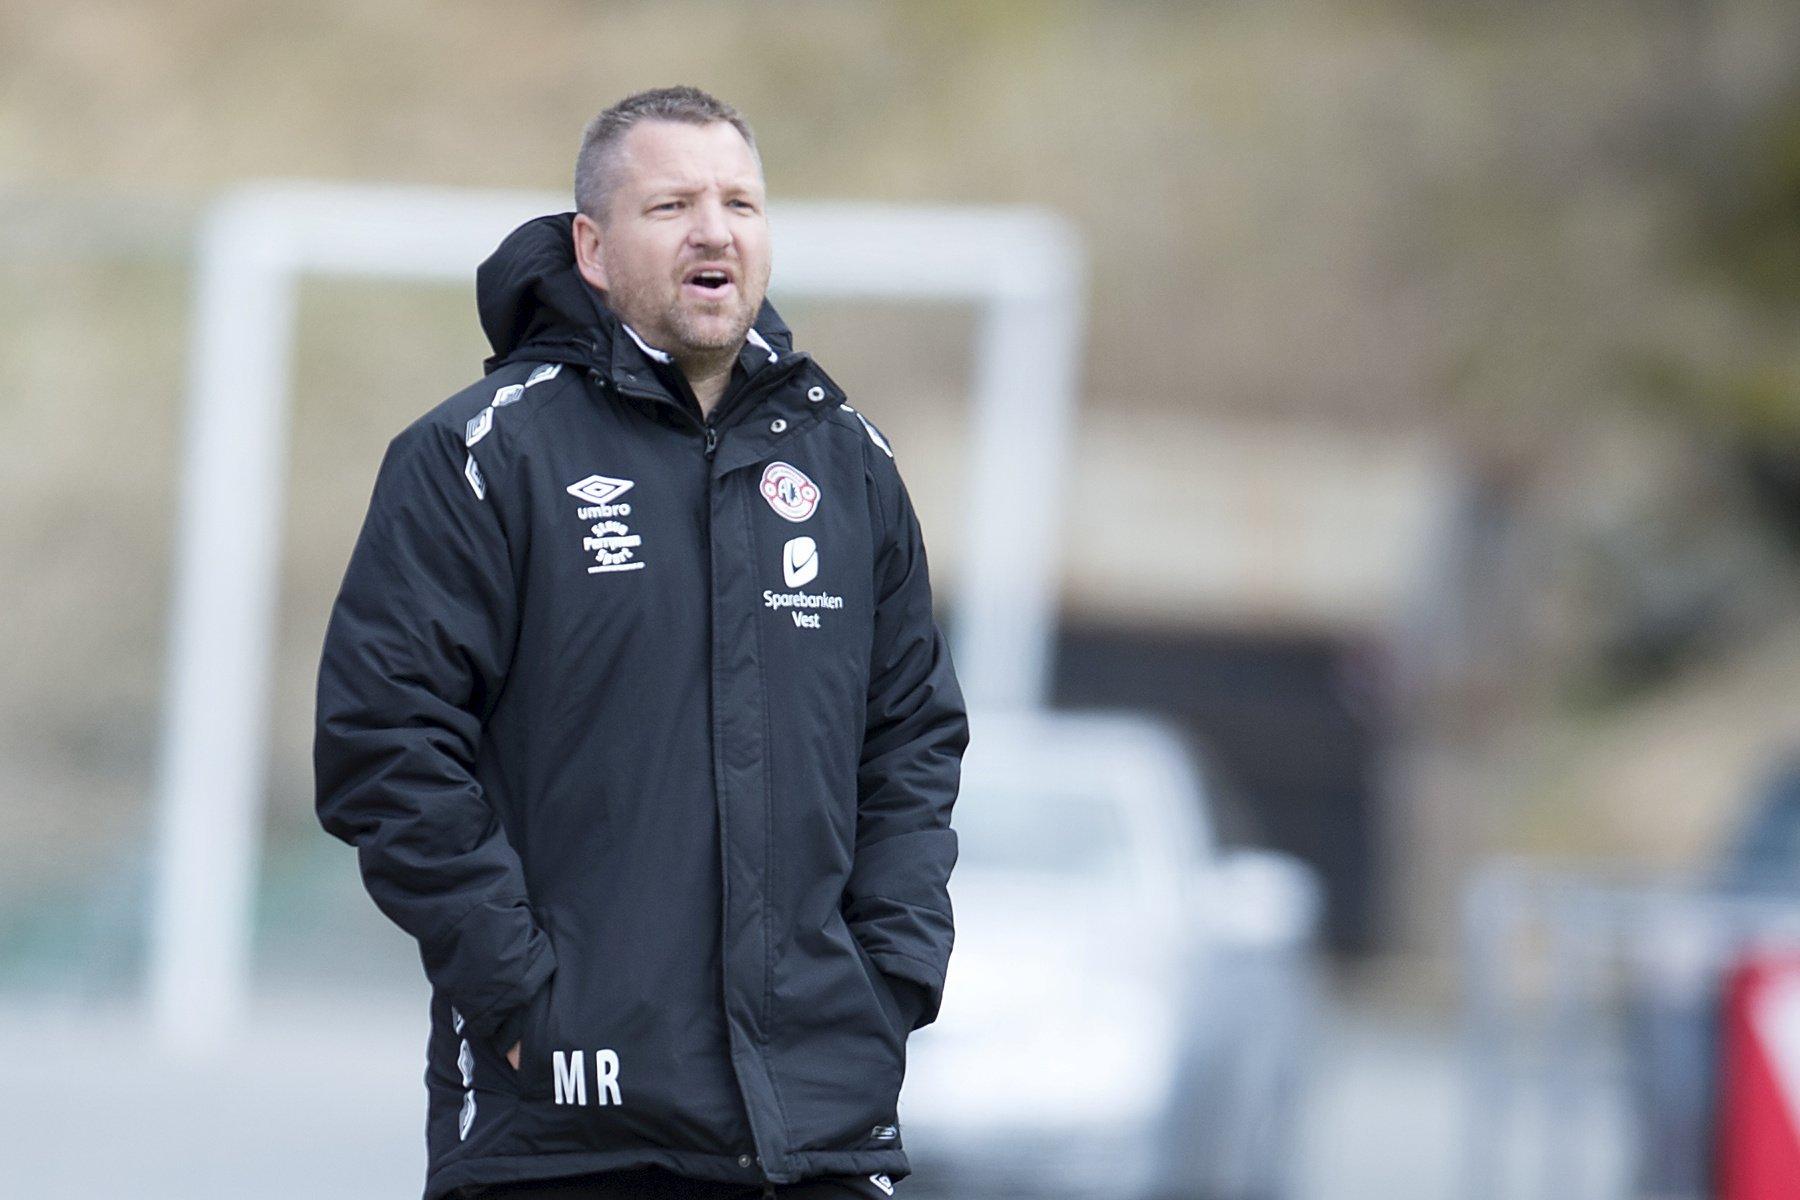 (+) – Jeg snakker rett fra levra og tør å påstå at hele Fotball-Norge ønsker FFK tilbake